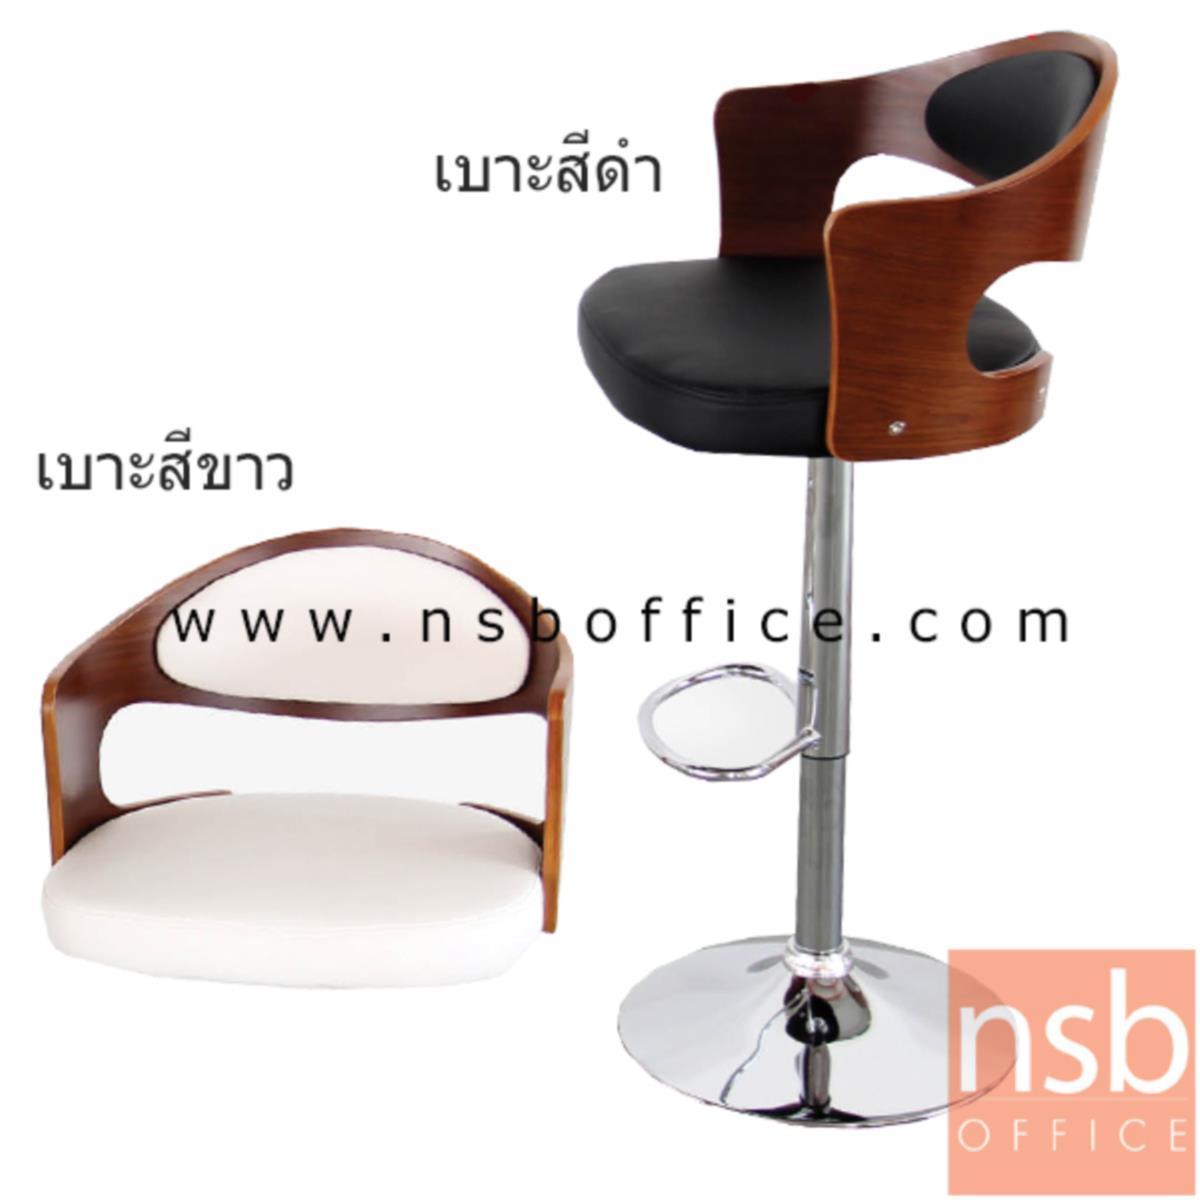 B09A170:เก้าอี้บาร์สูงหนังเทียม รุ่น Luxor (ลักซอร์) ขนาด 40W cm. โช๊คแก๊ส ขาโครเมี่ยมฐานจานกลม